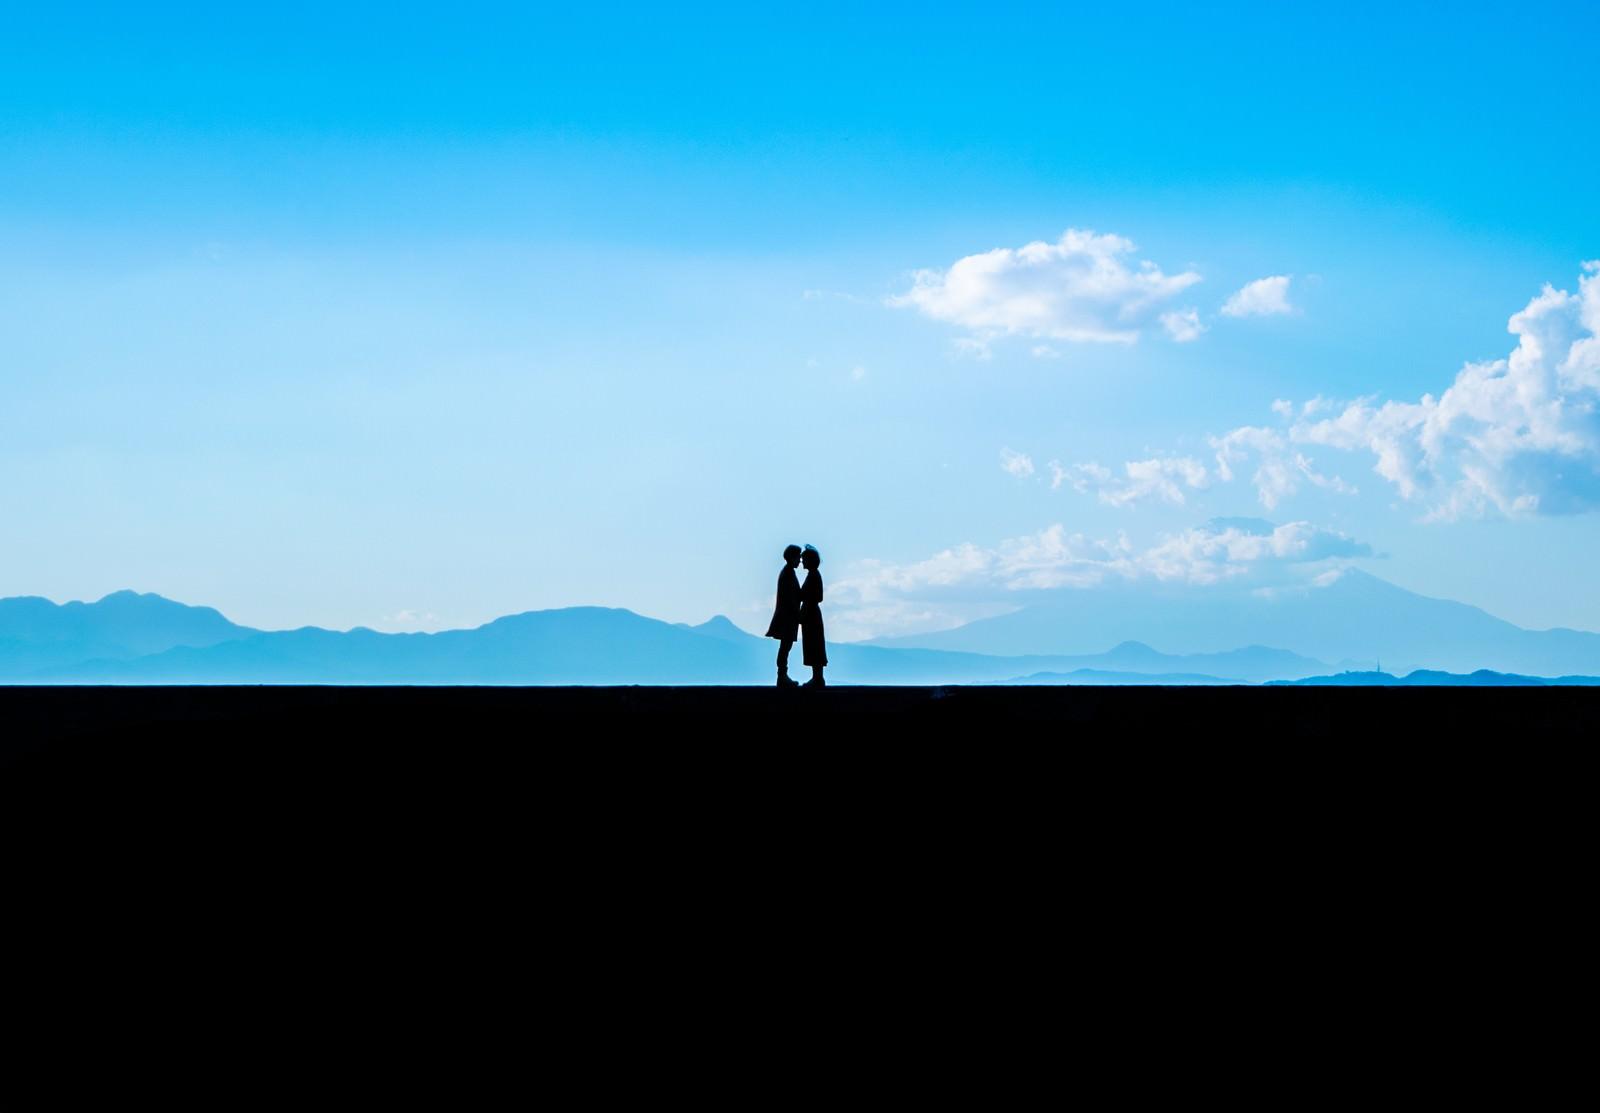 「景色のいい堤防の上で顔を近づける恋人」の写真